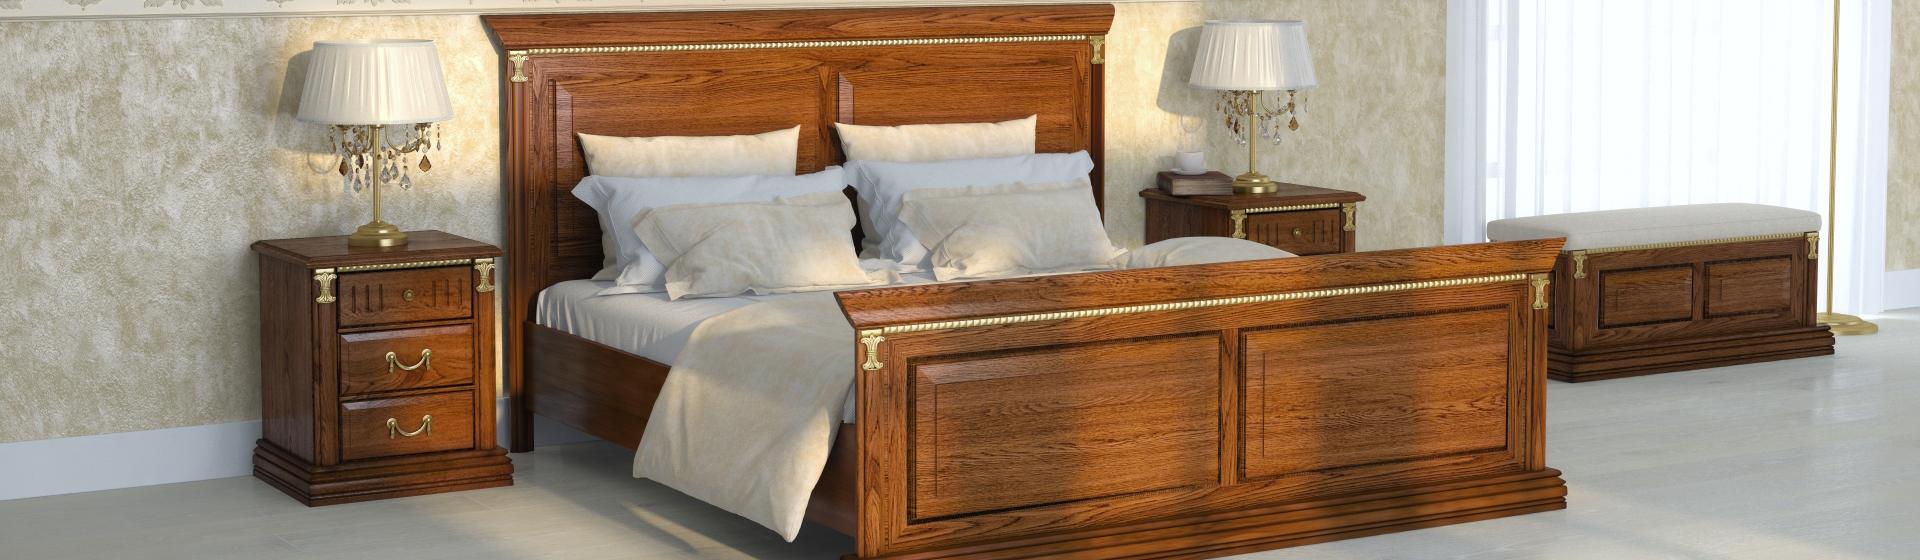 Мебель для спальни из массива дерева